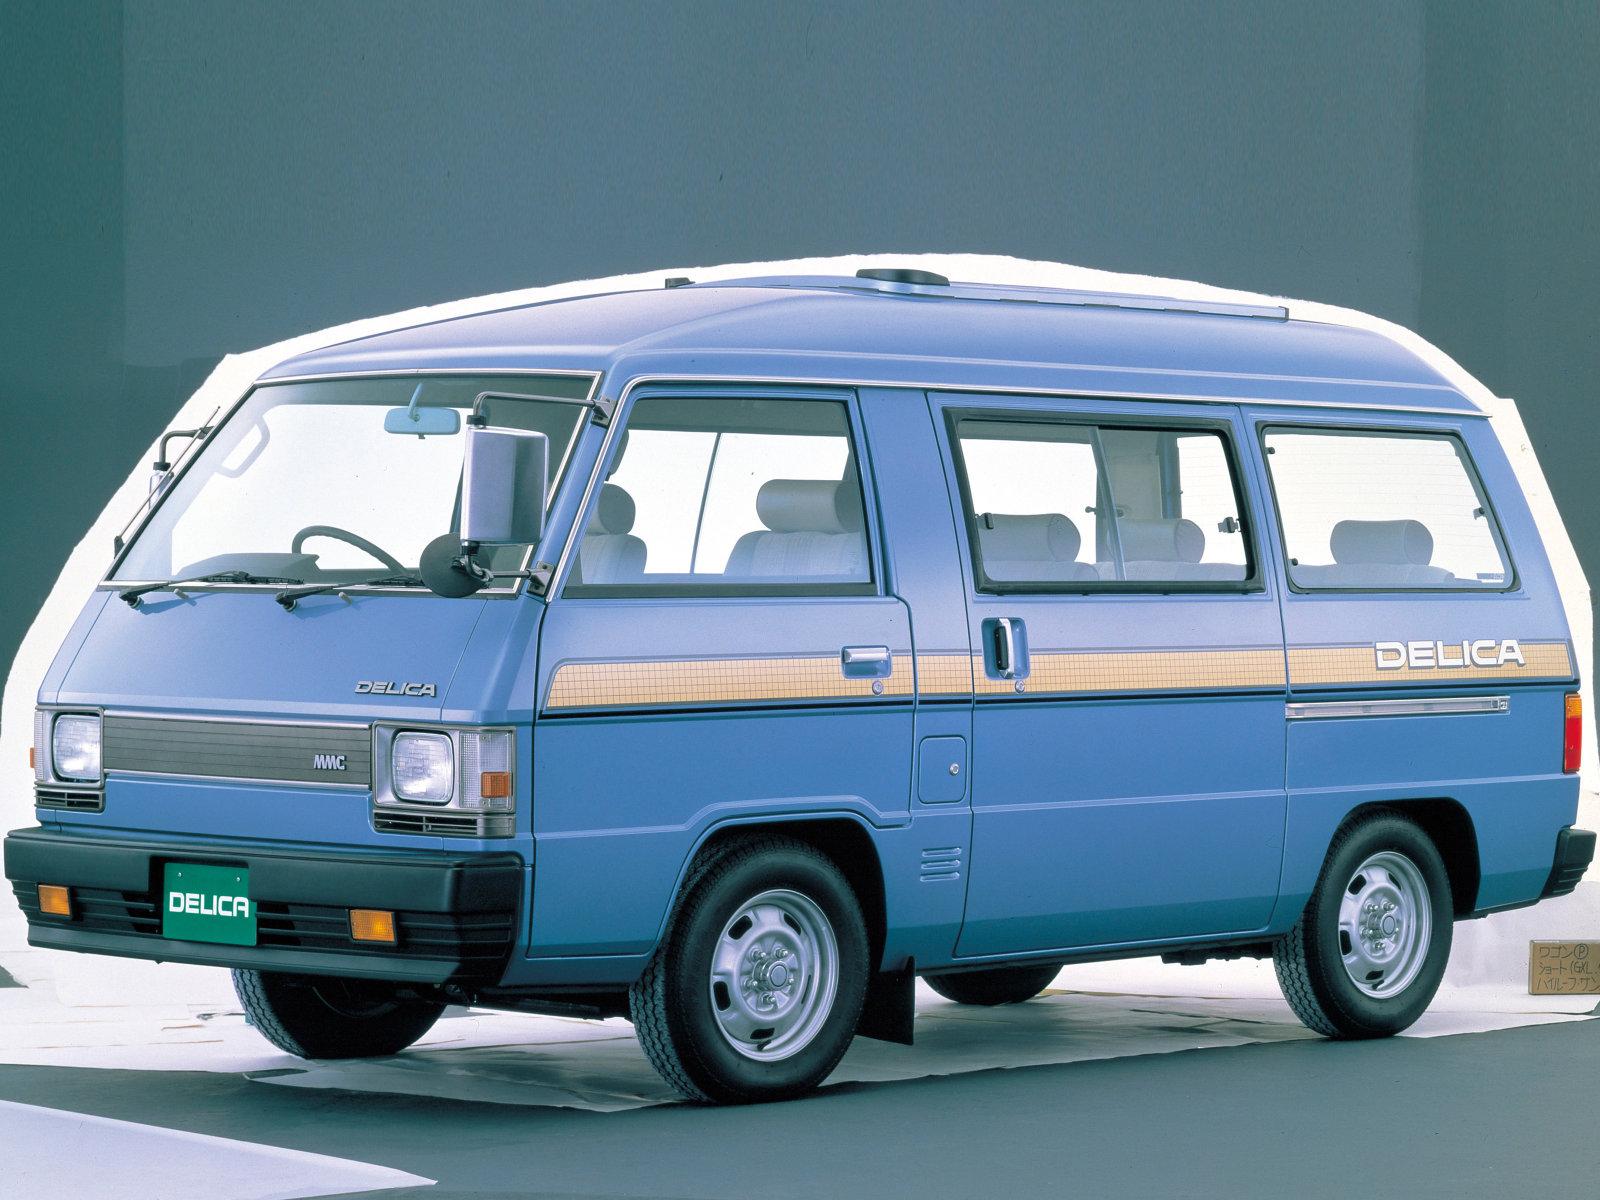 Полным приводом и отзыв об автомобилях mitsubishi delica (l400), отзывы владельцев mitsubishi delica (l400)